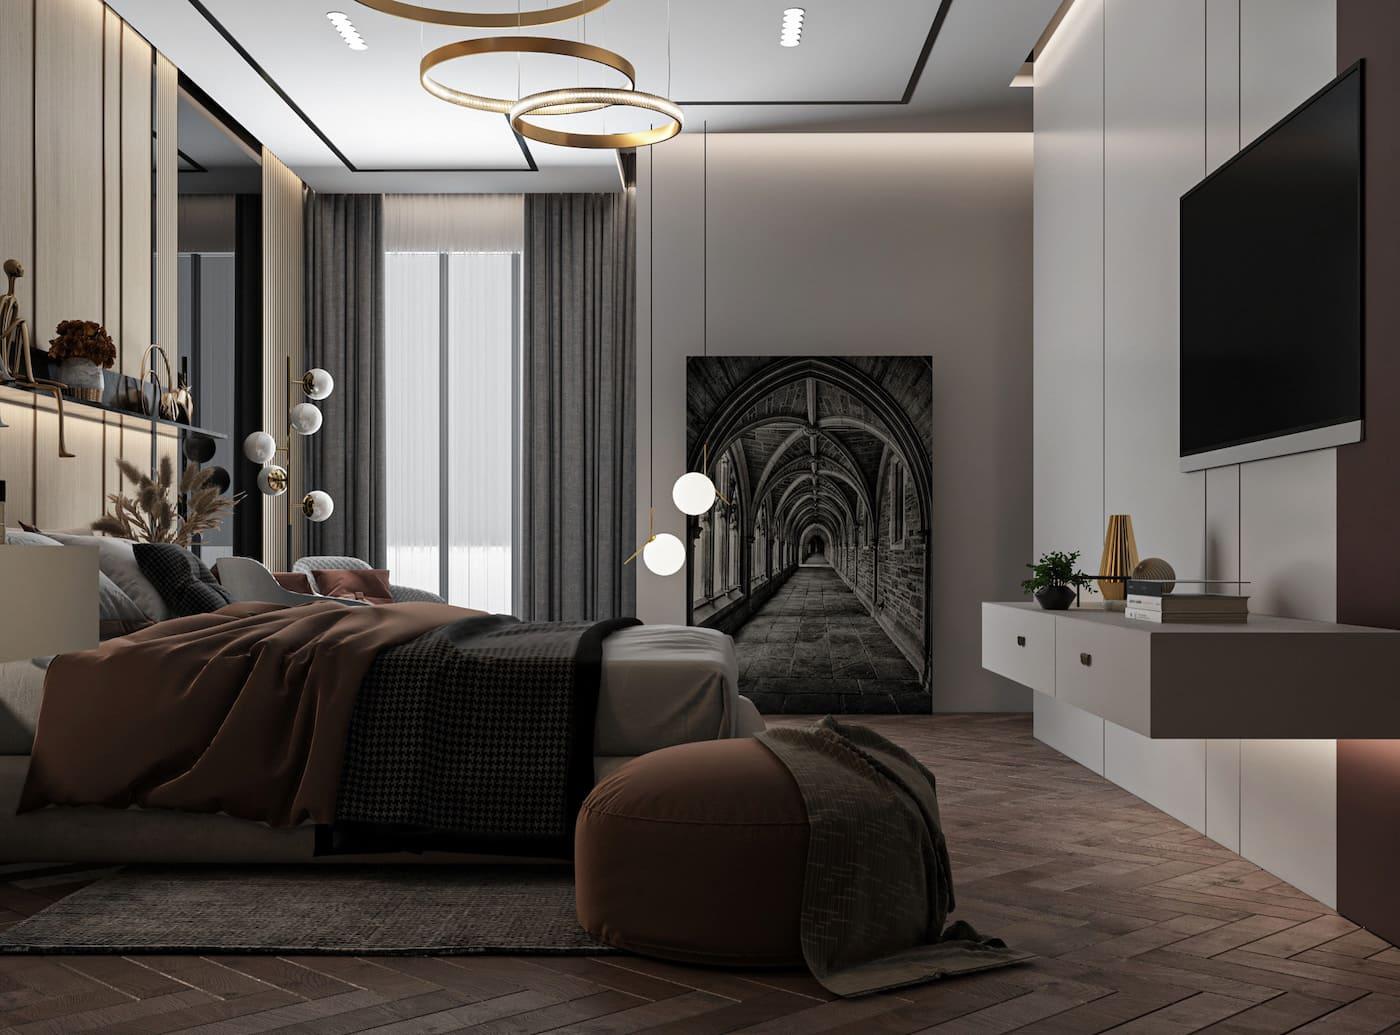 освещение в спальне фото 19